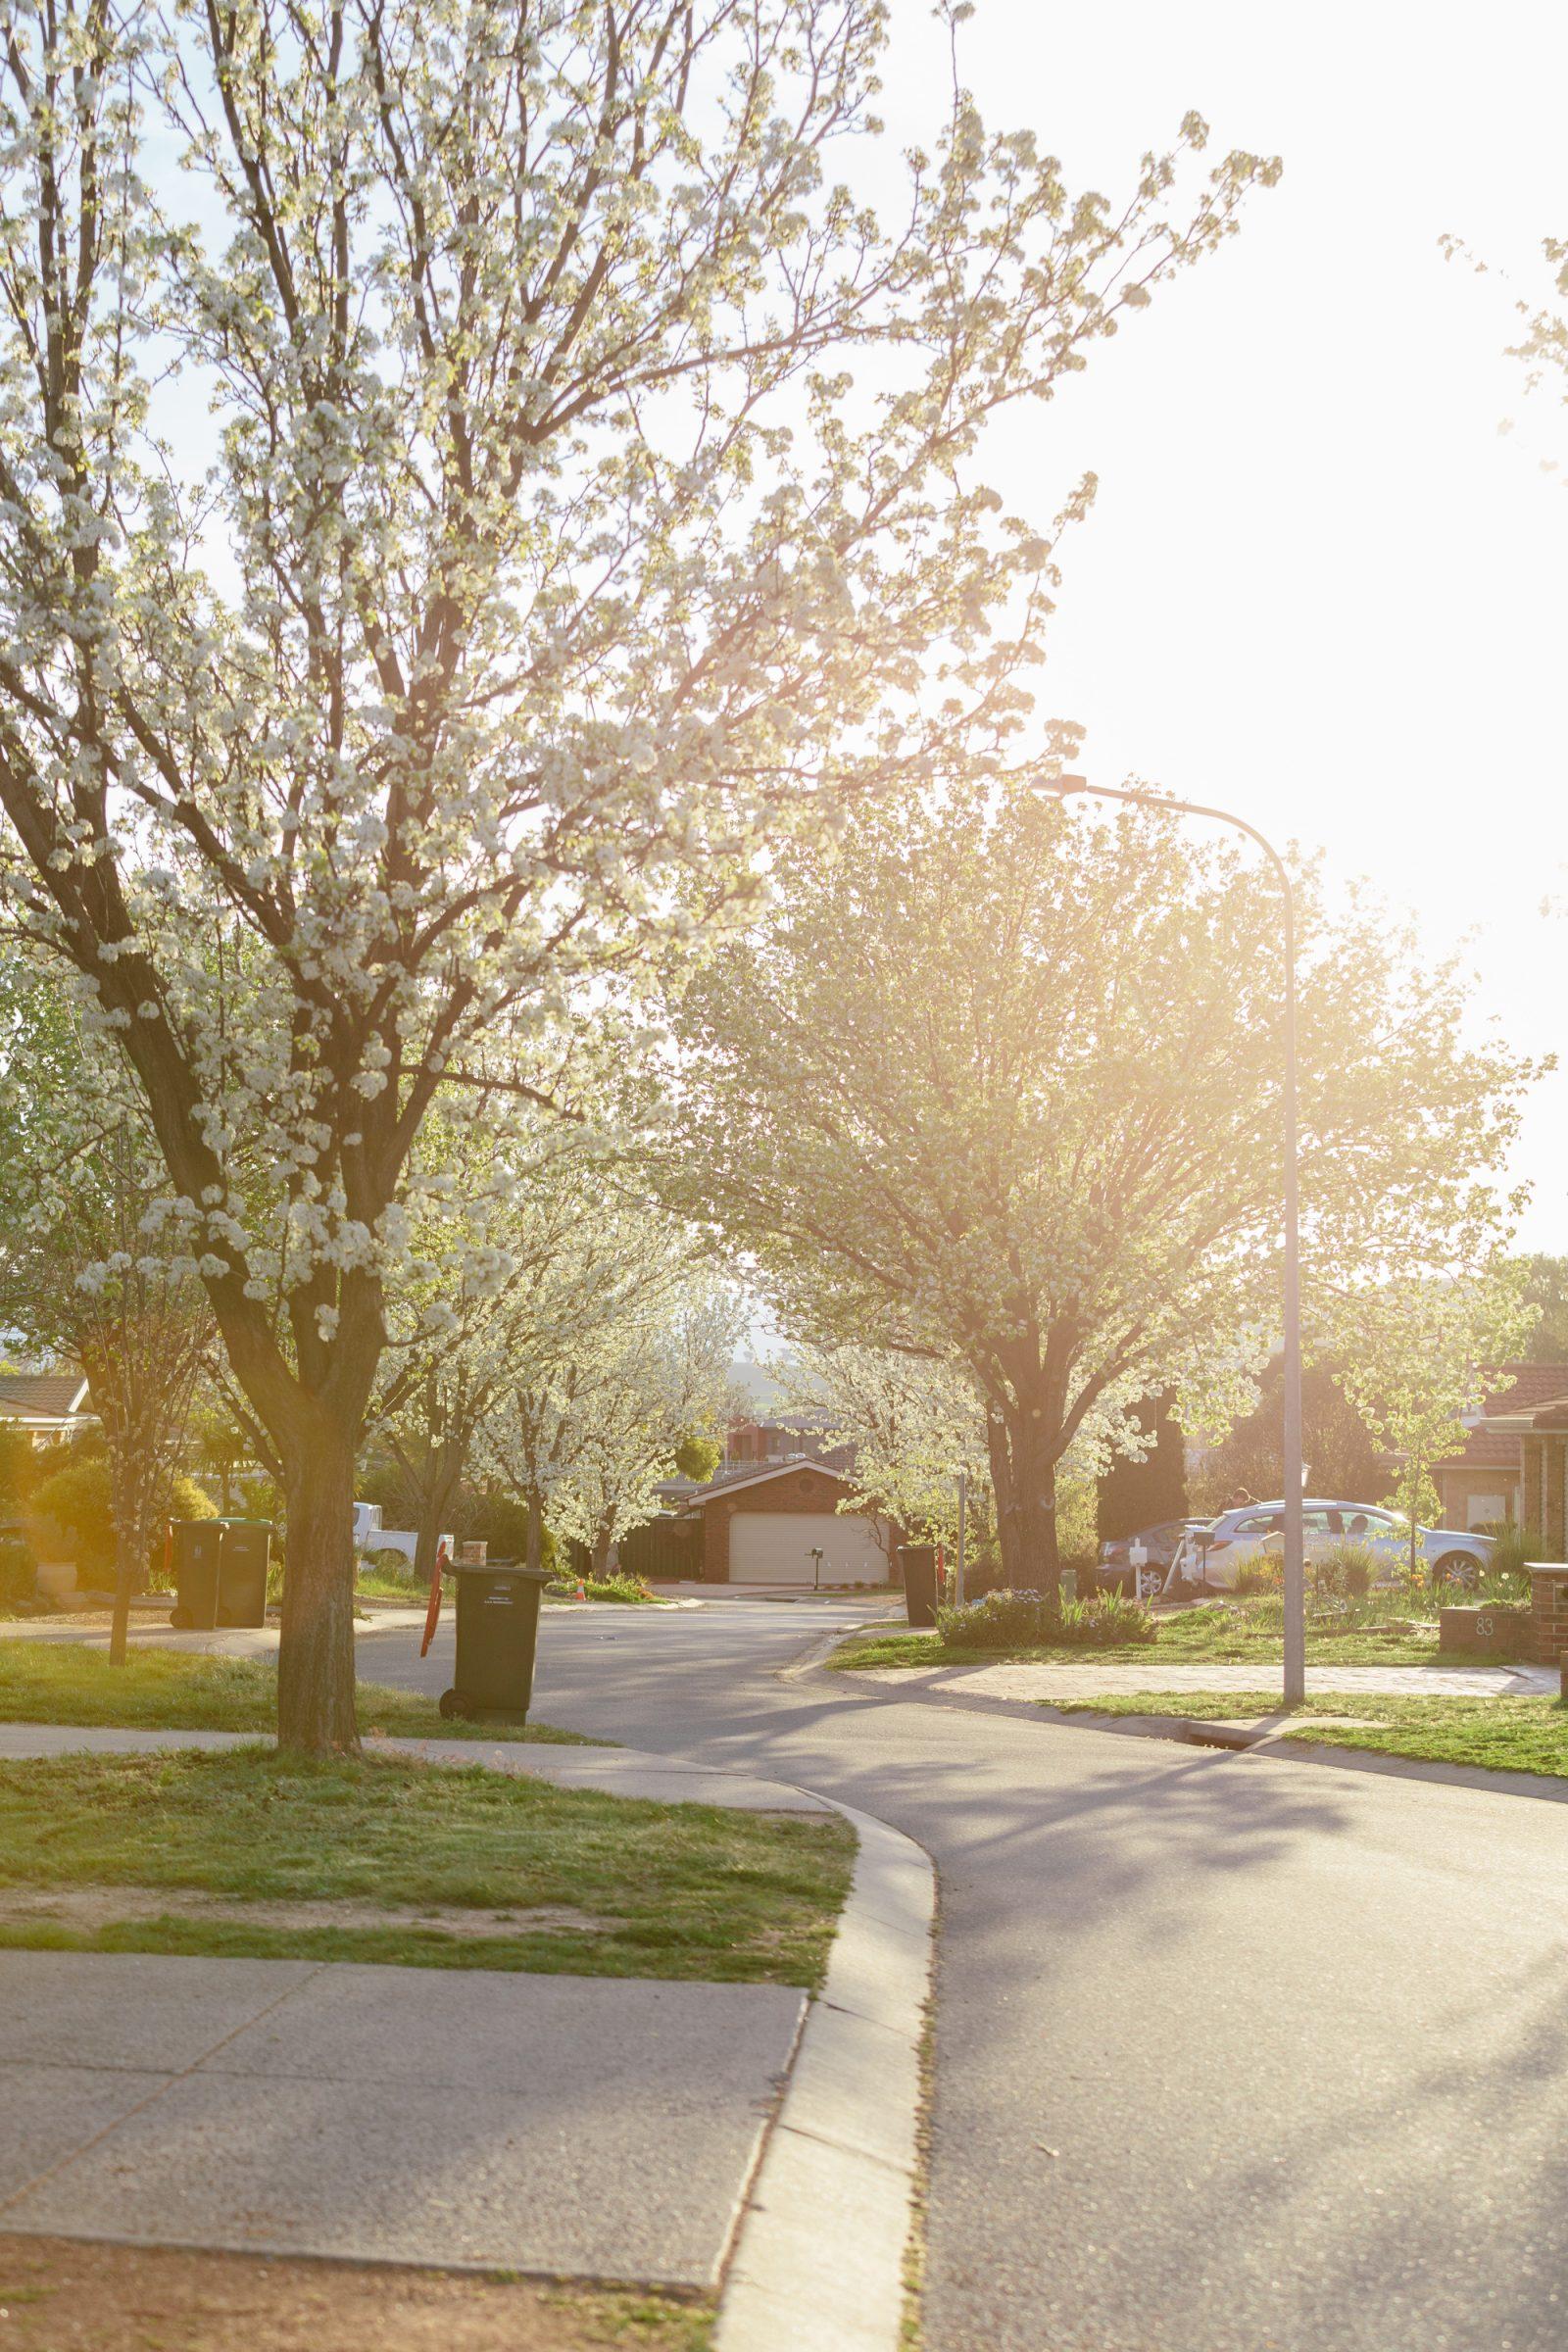 Suburbia's time in the sun: Bernard Salt